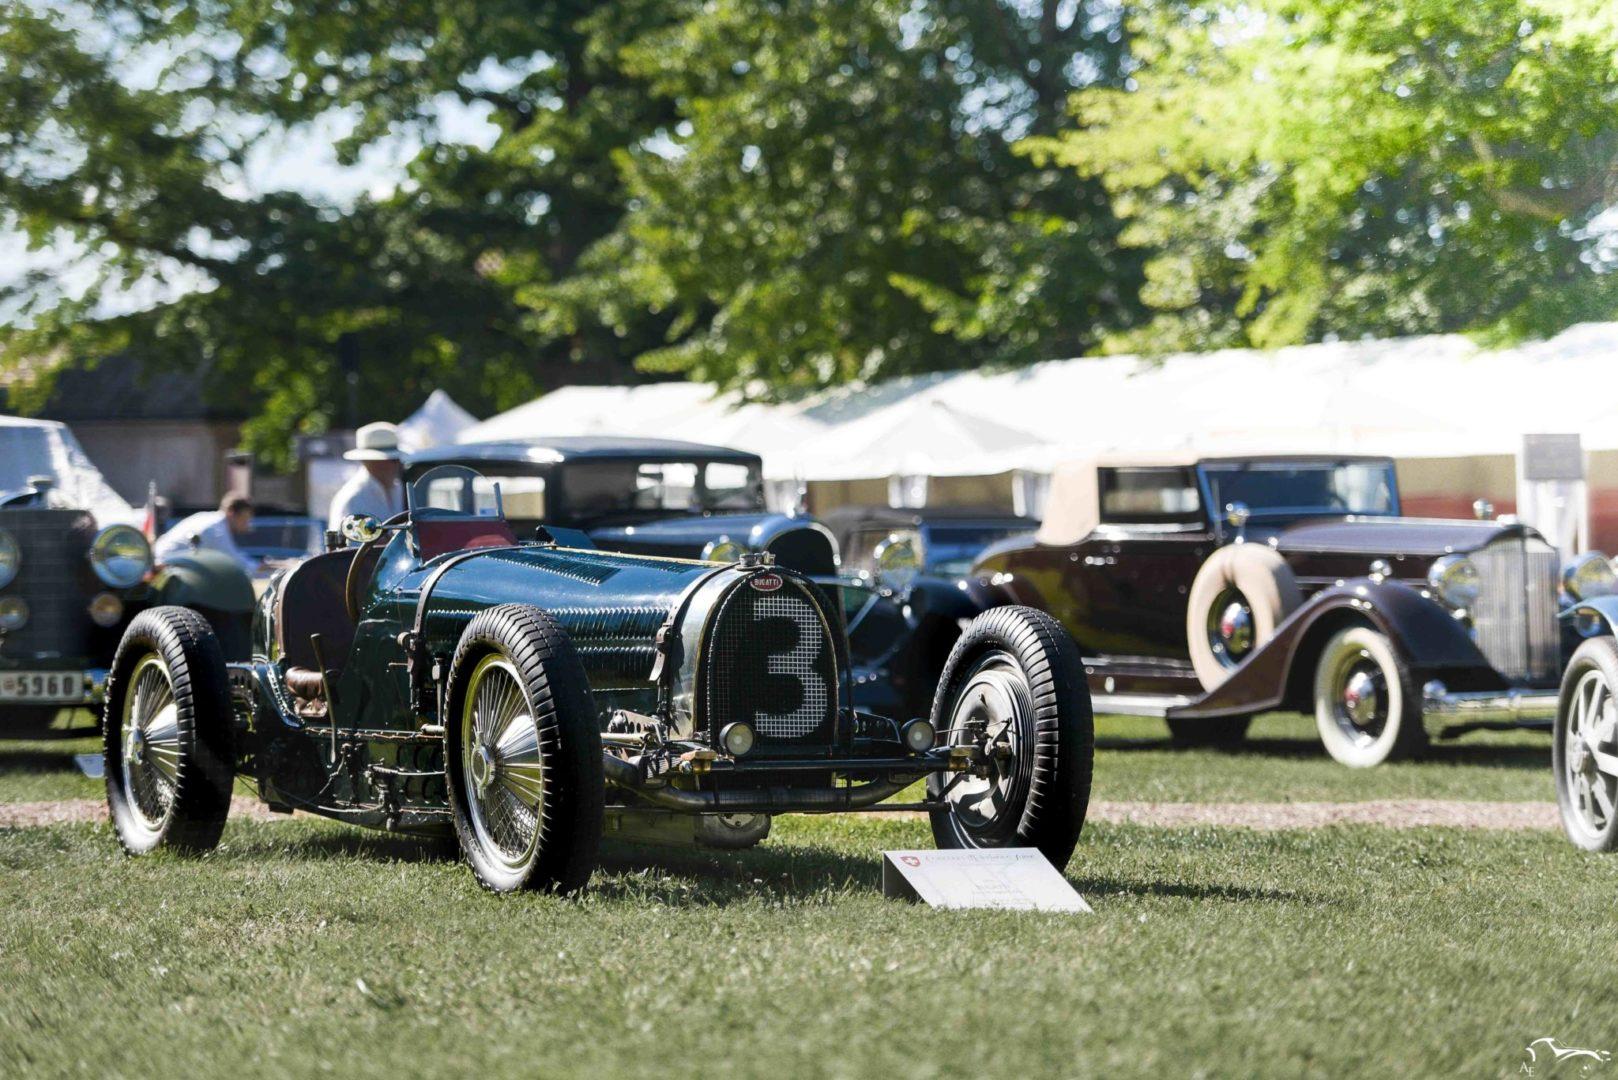 Bugatti Type 59 Grand Prix Concours d'élégance Suisse